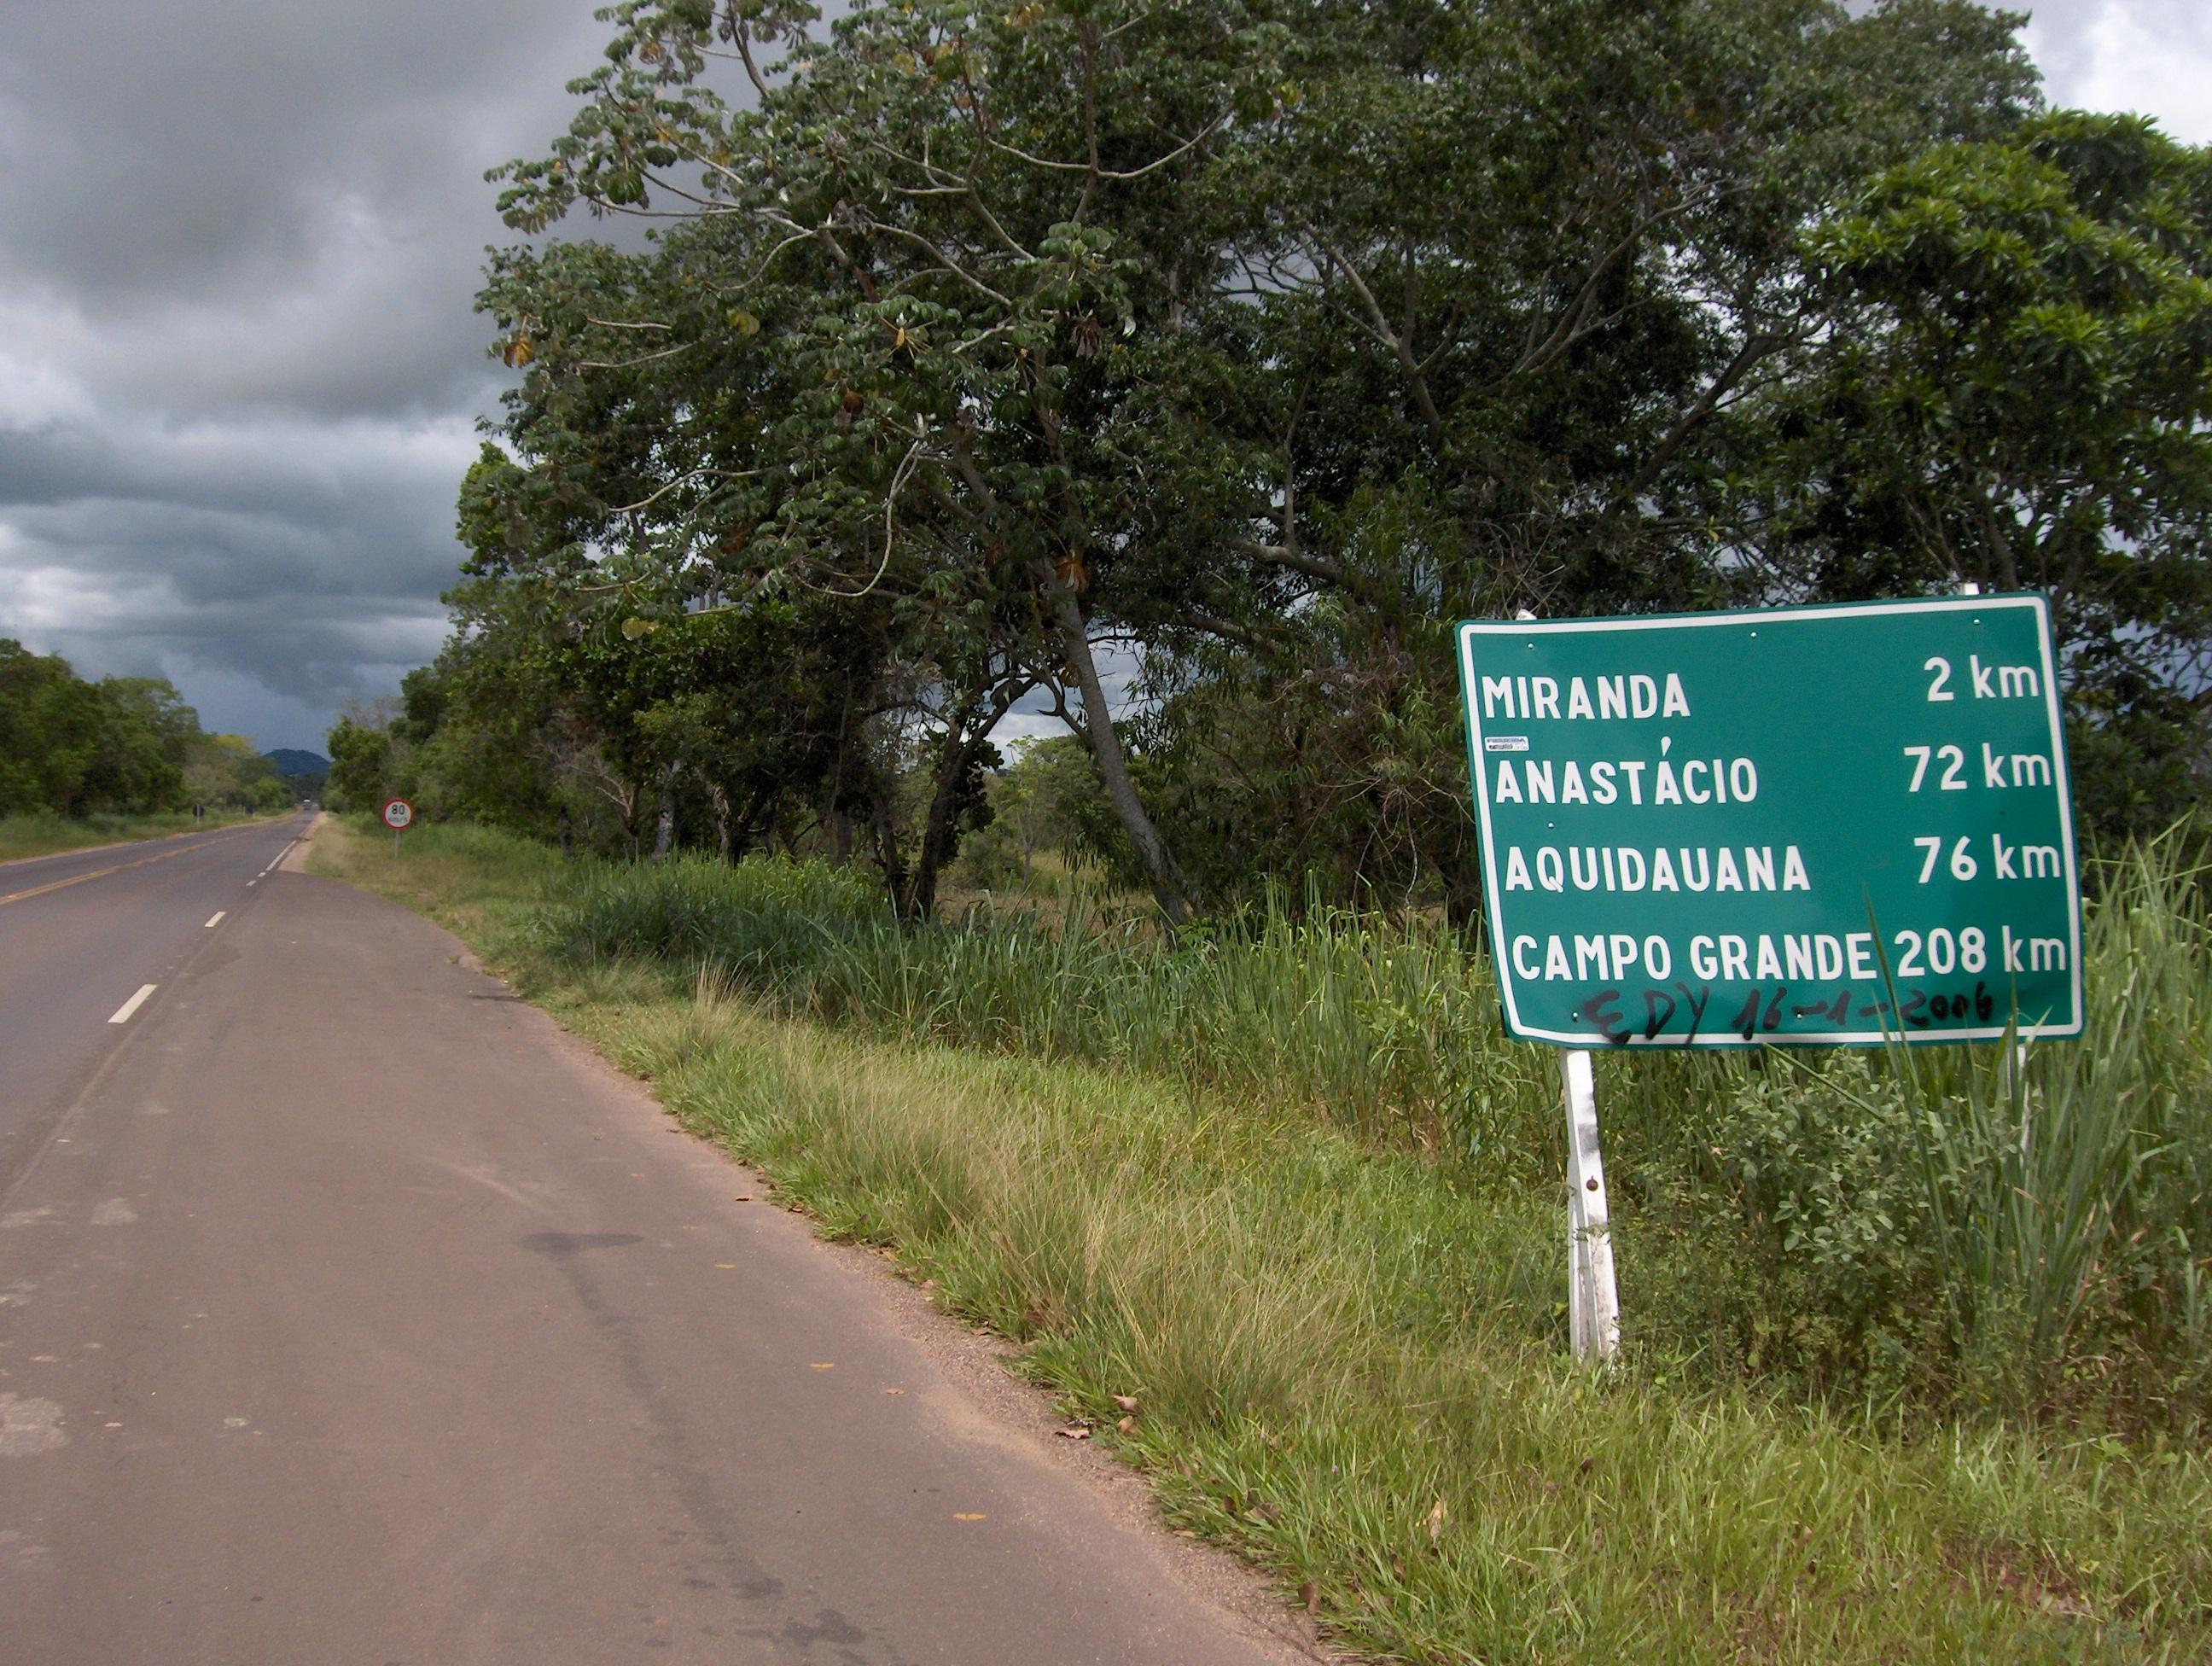 Miranda Mato Grosso do Sul fonte: upload.wikimedia.org